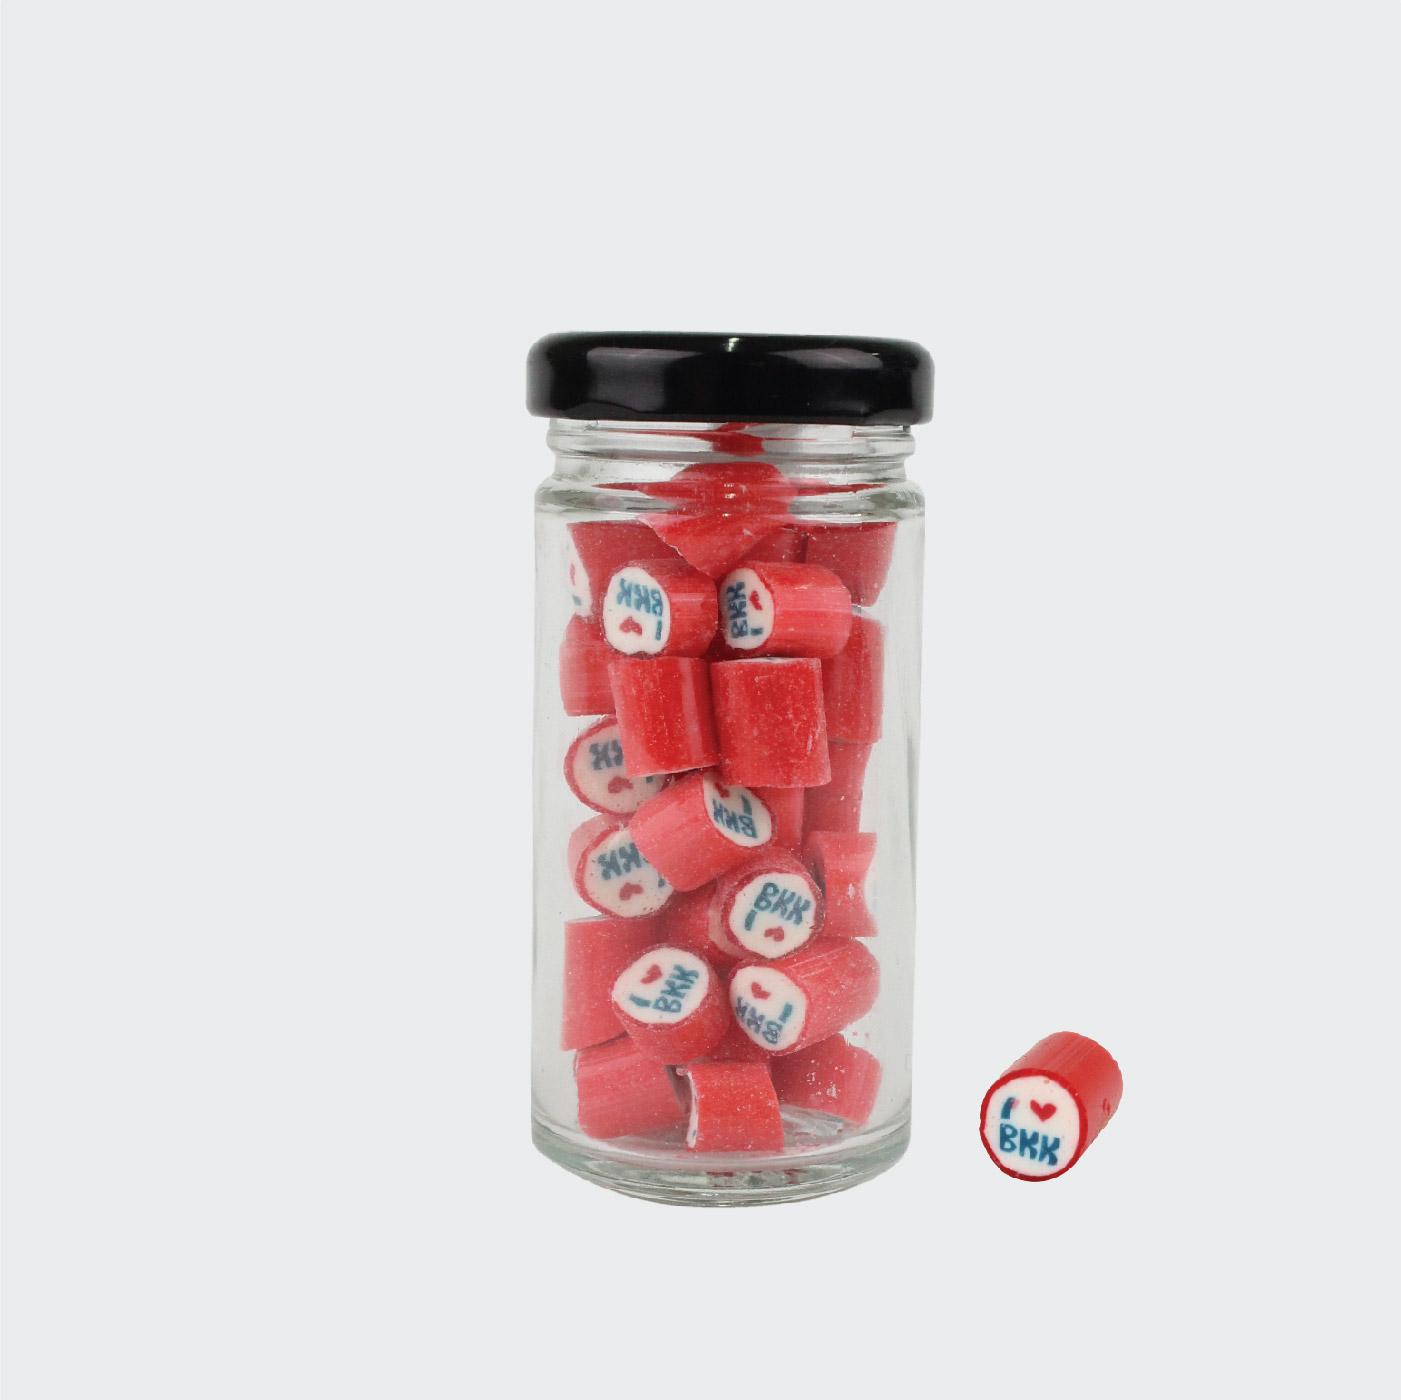 Tall Jar of Red I Lover BKK (50g. Jar)